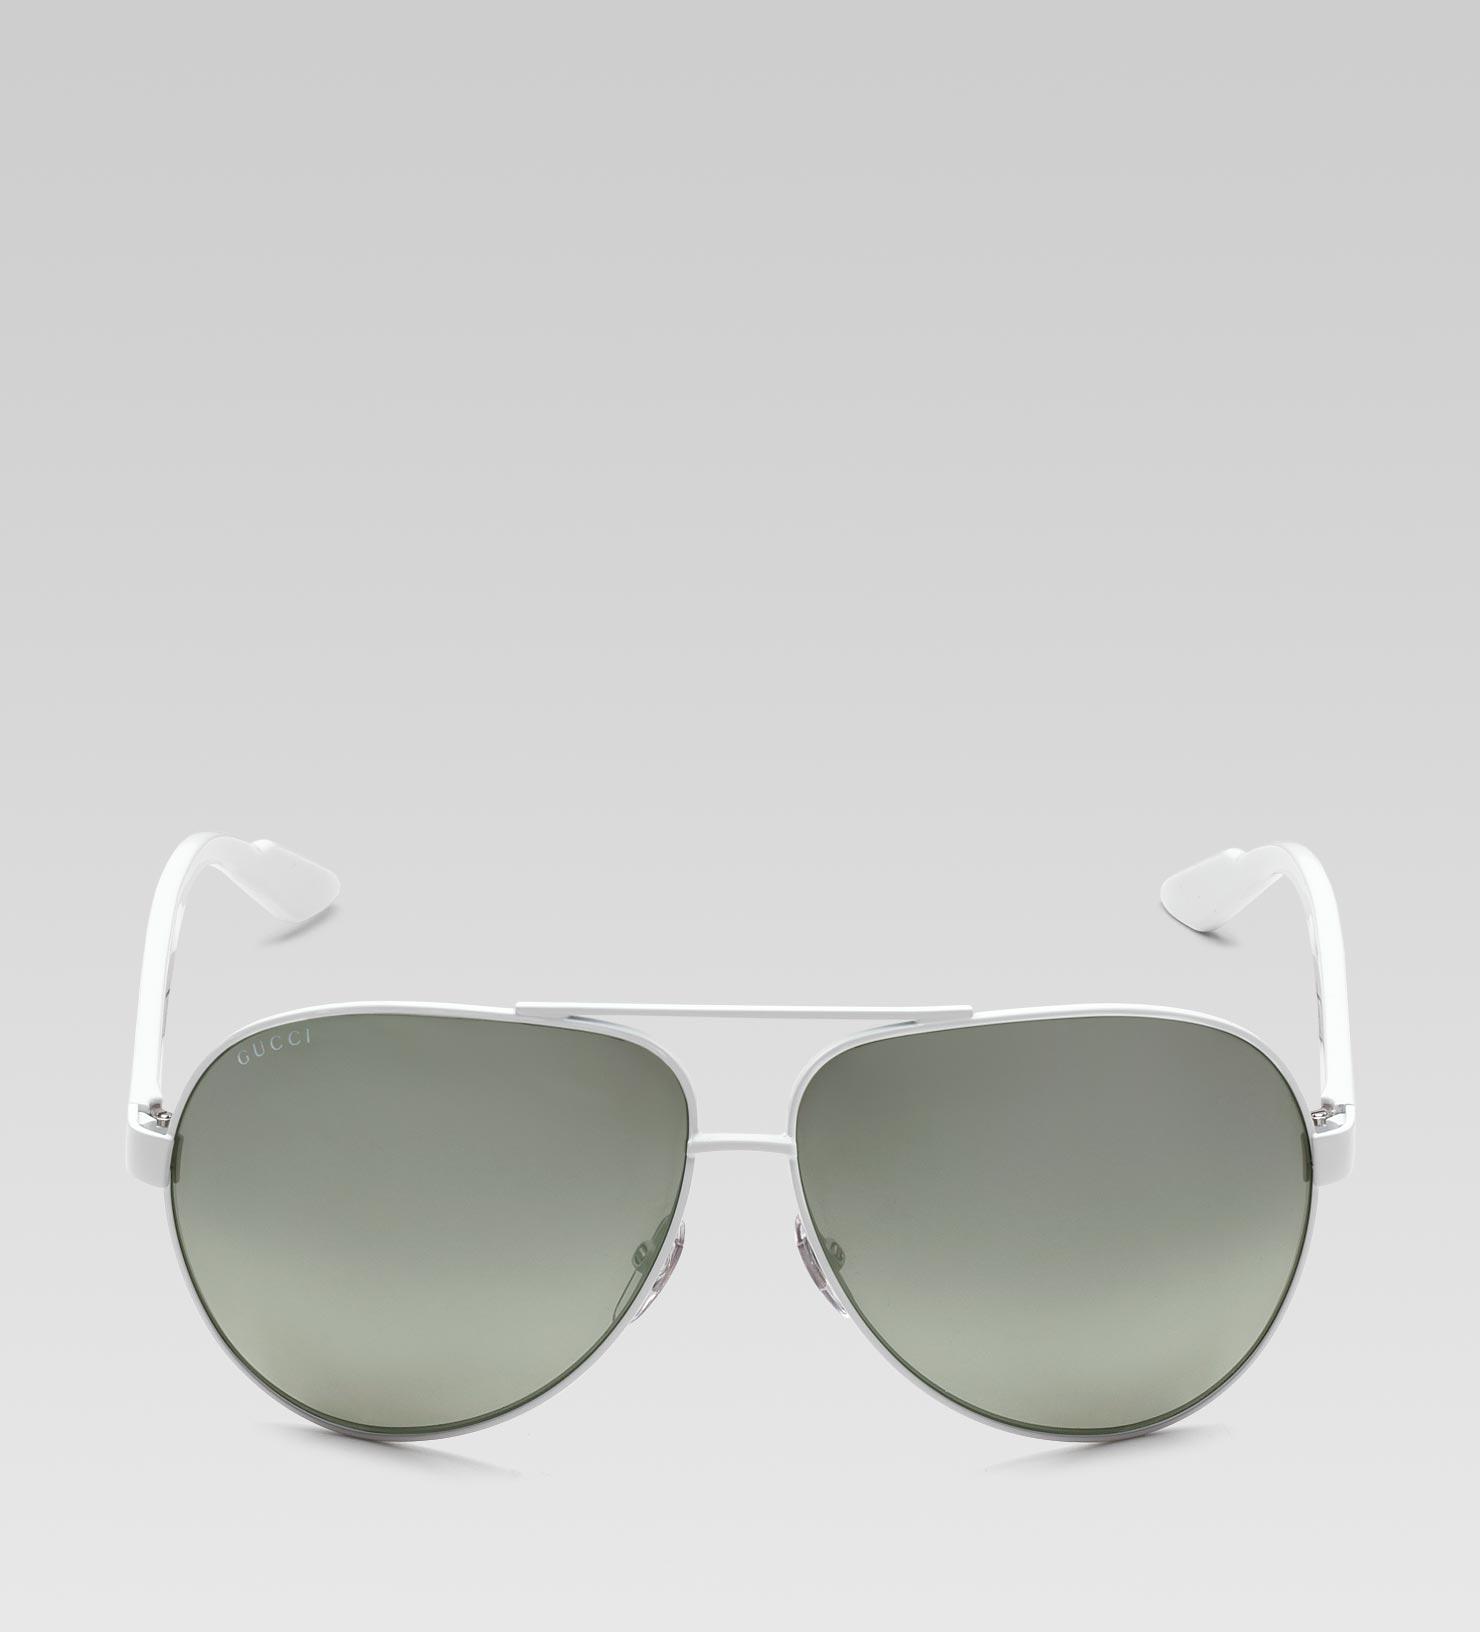 064143648e8 Gucci Medium Aviator Sunglasses in White for Men - Lyst